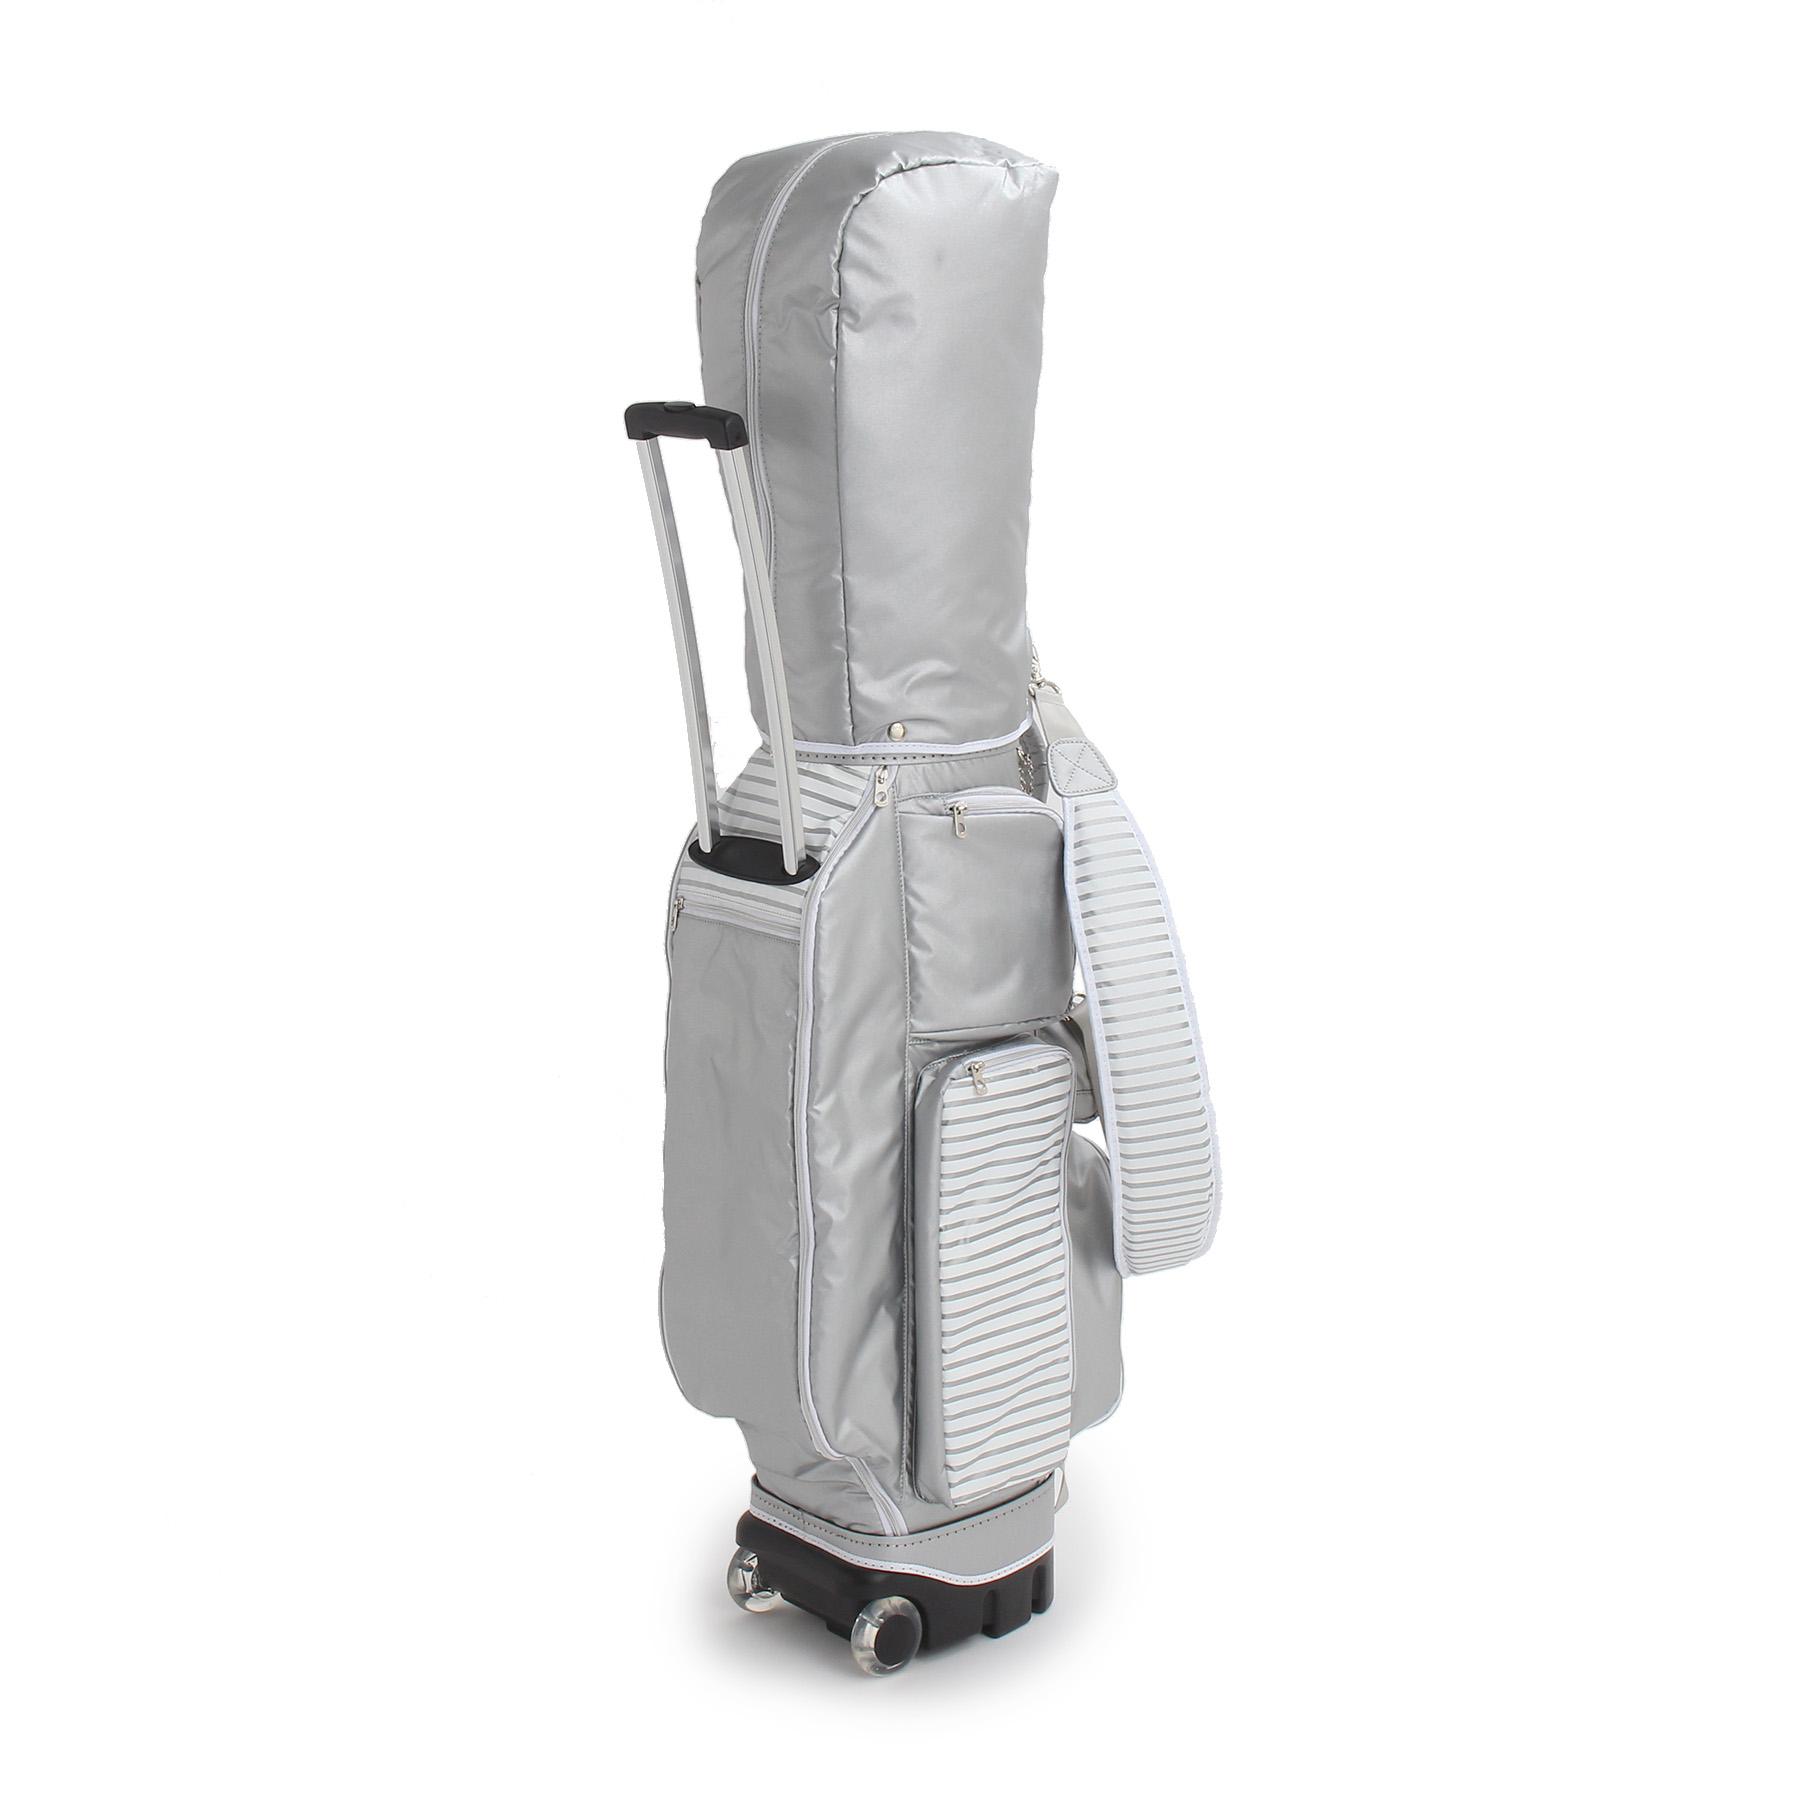 【adabat (アダバット)】ボーダー切り替えキャスター付きキャディバッグレディース バッグ|その他バッグ シルバー